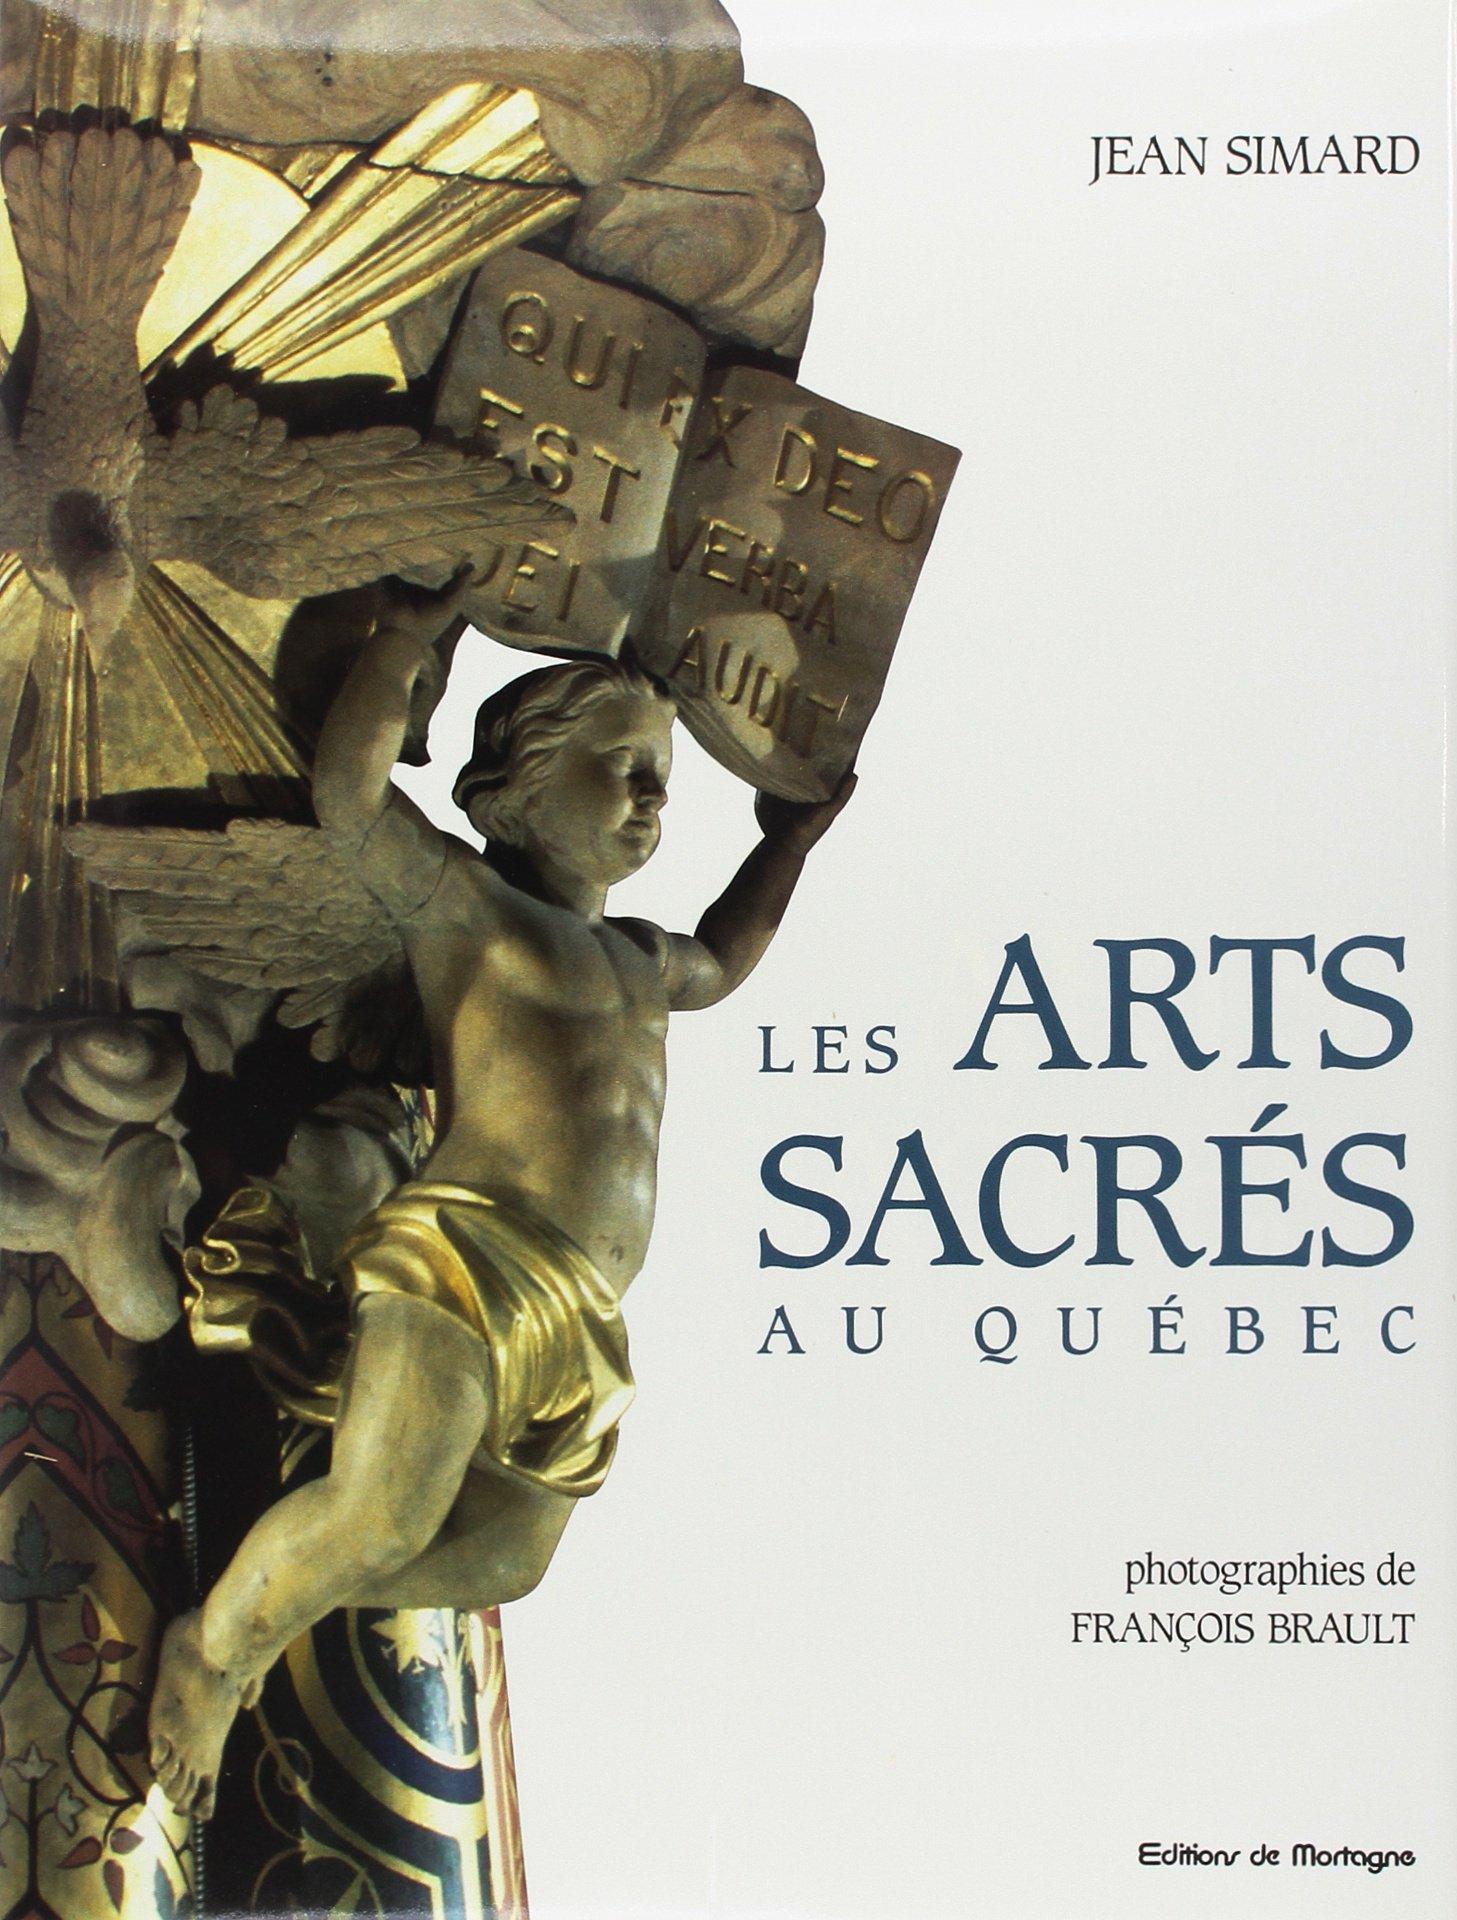 Les arts sacrés au Québec Relié – 1 janvier 1990 Jean Simard Mortagne 2890748006 ARTS ET BEAUX LIVRES